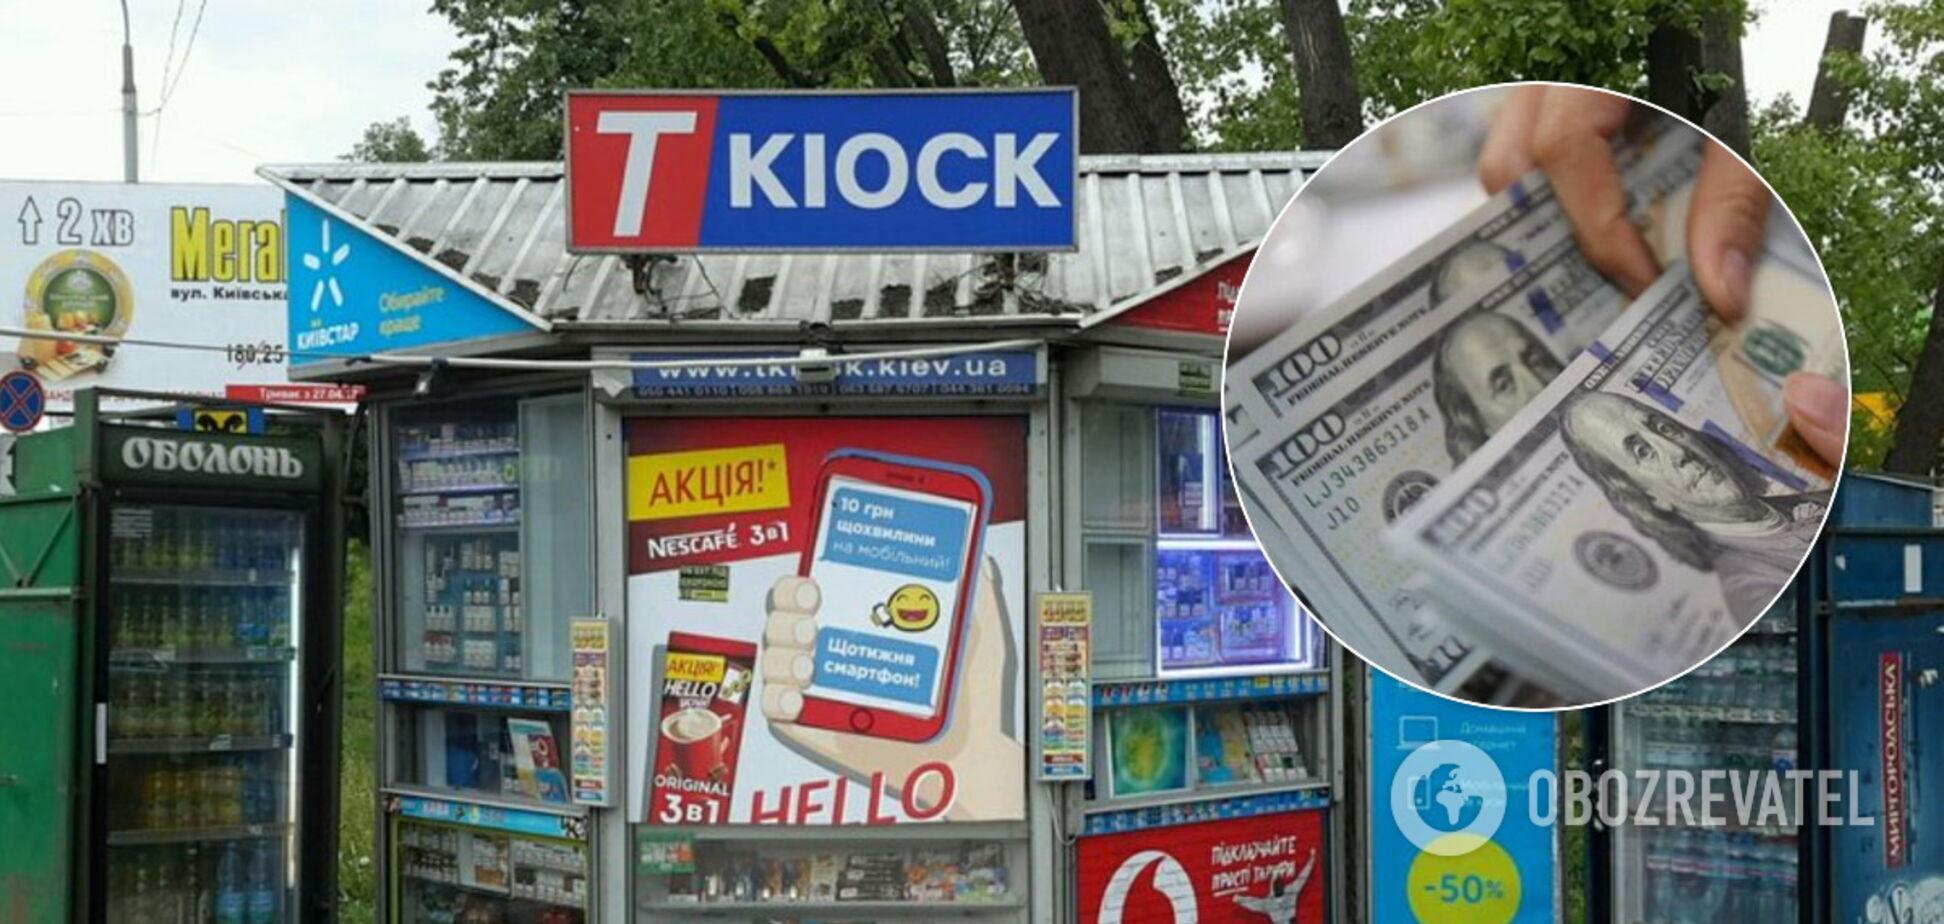 Табачный бизнес 'слуги' Холодова до сих пор не проверили: СМИ сообщили о фальшивых чеках